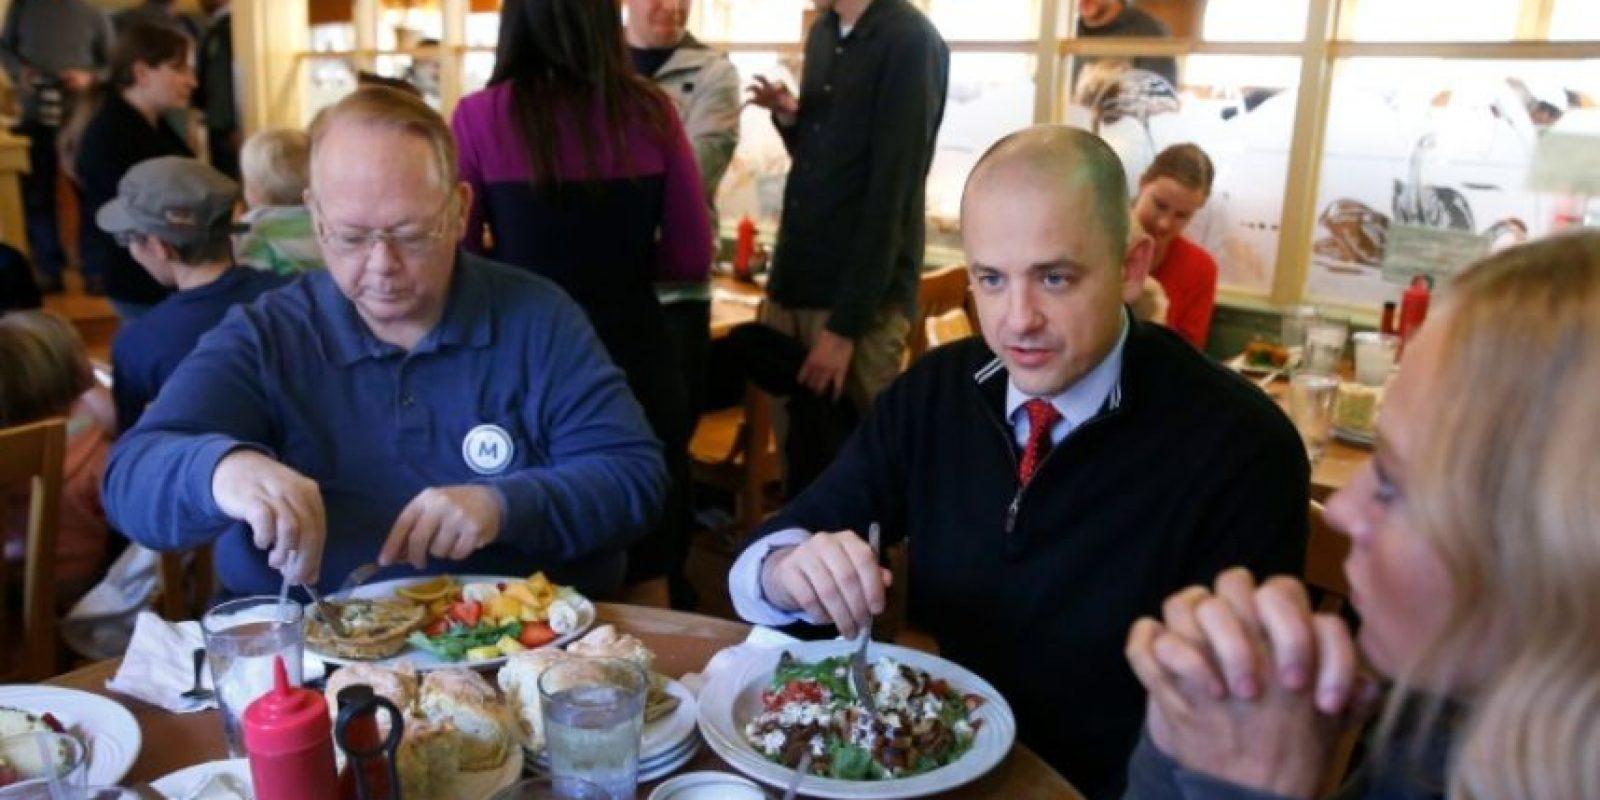 El candidato independiente a la presidencia de Estados Unidos Evan McMullin come con sus seguidores en un restaurante en Salt Lake, en Utah, el 1 de noviembre de 2016 Foto:George Frey/afp.com